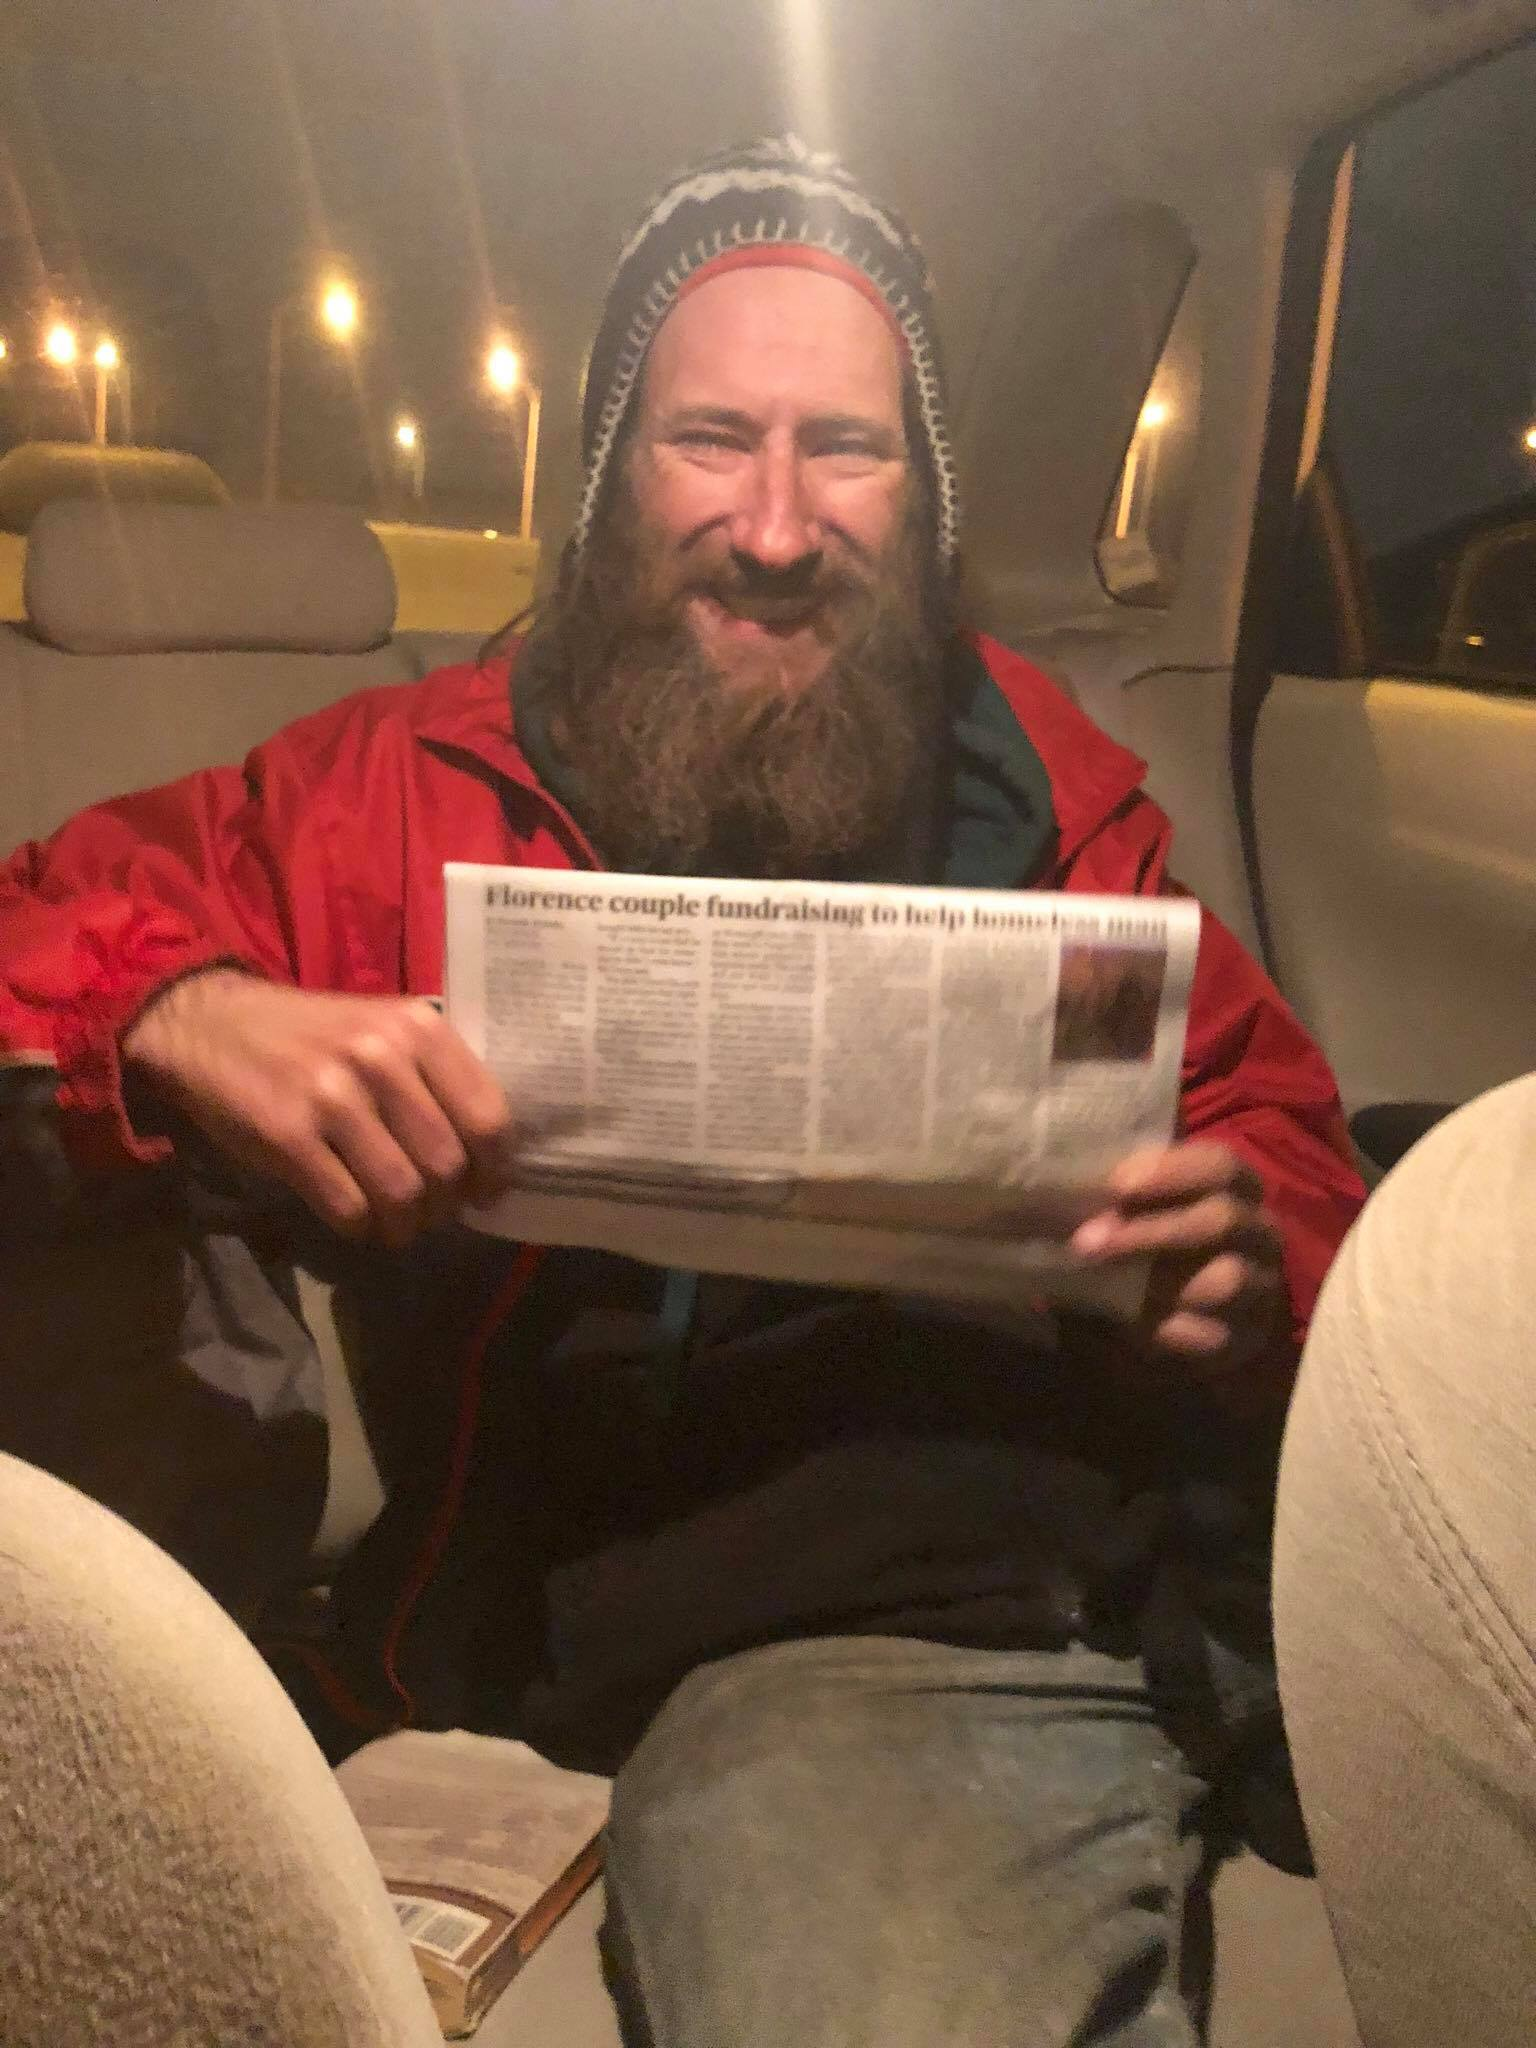 Otobandaki evsiz adam ve genç kadın - YemekEv.com